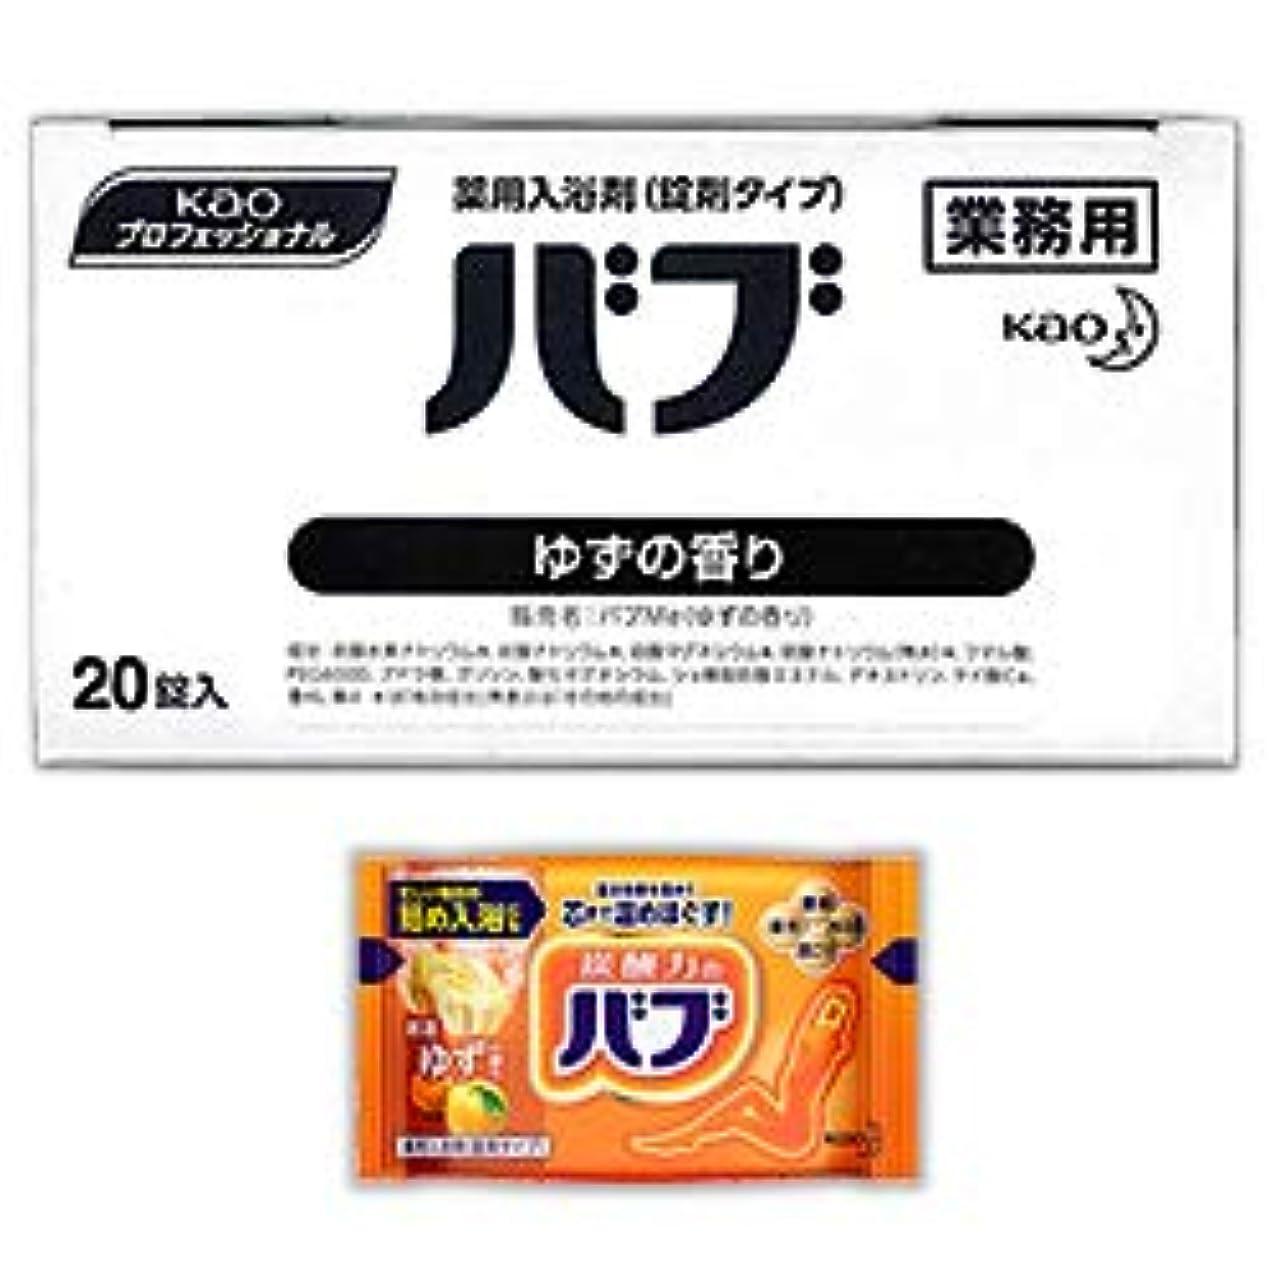 ネコアレルギー性不良品【花王】Kaoプロフェッショナル バブ ゆずの香り(業務用) 40g×20錠入 ×4個セット